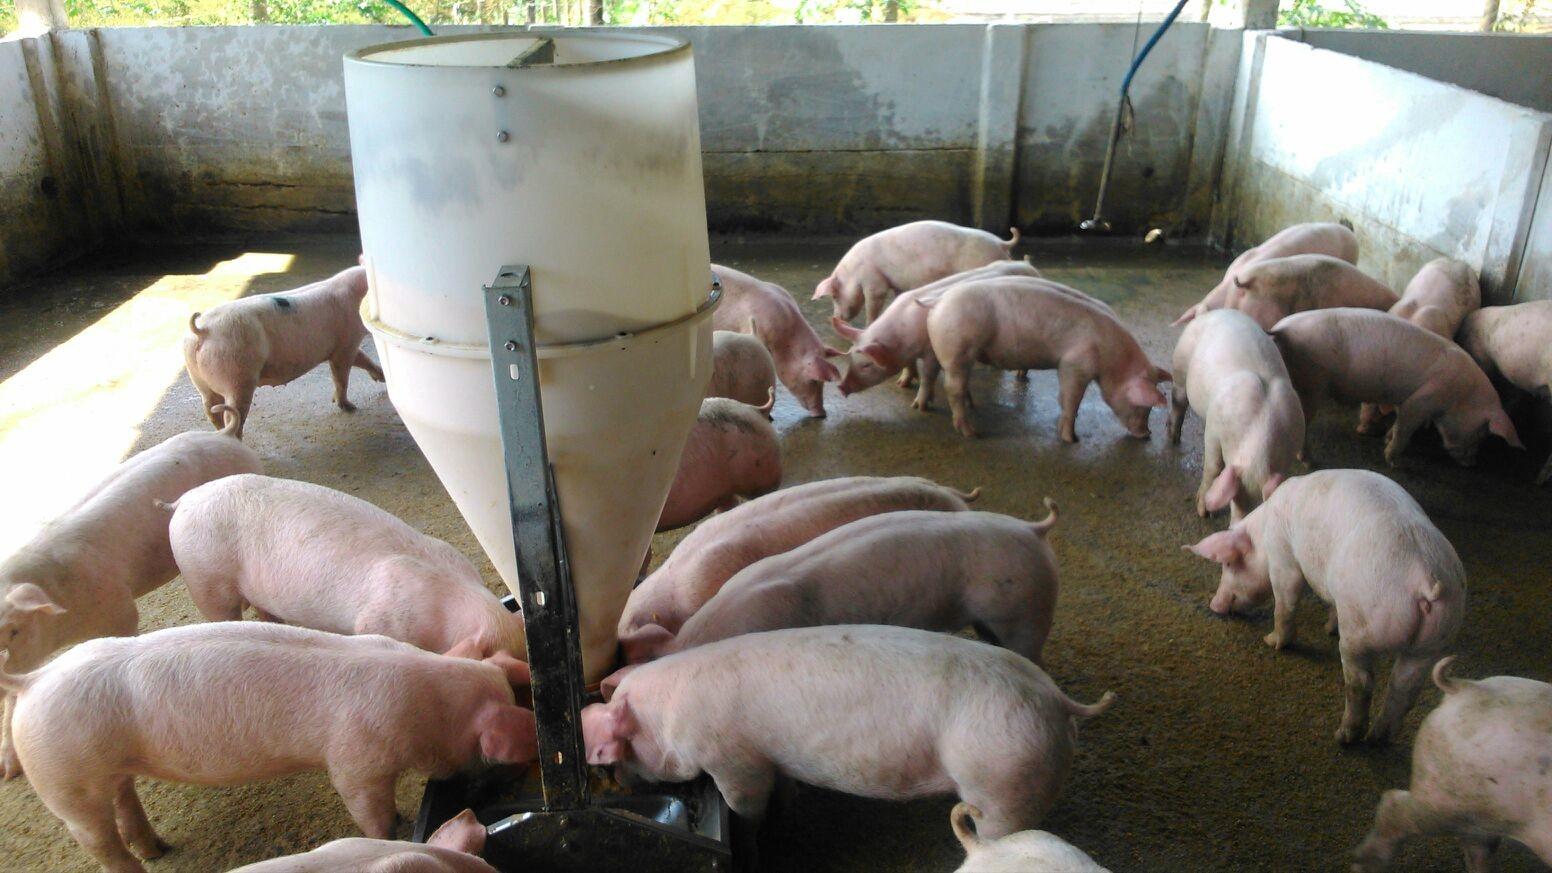 Custos da suinocultura em SC levam alguns produtores a desistir da atividade